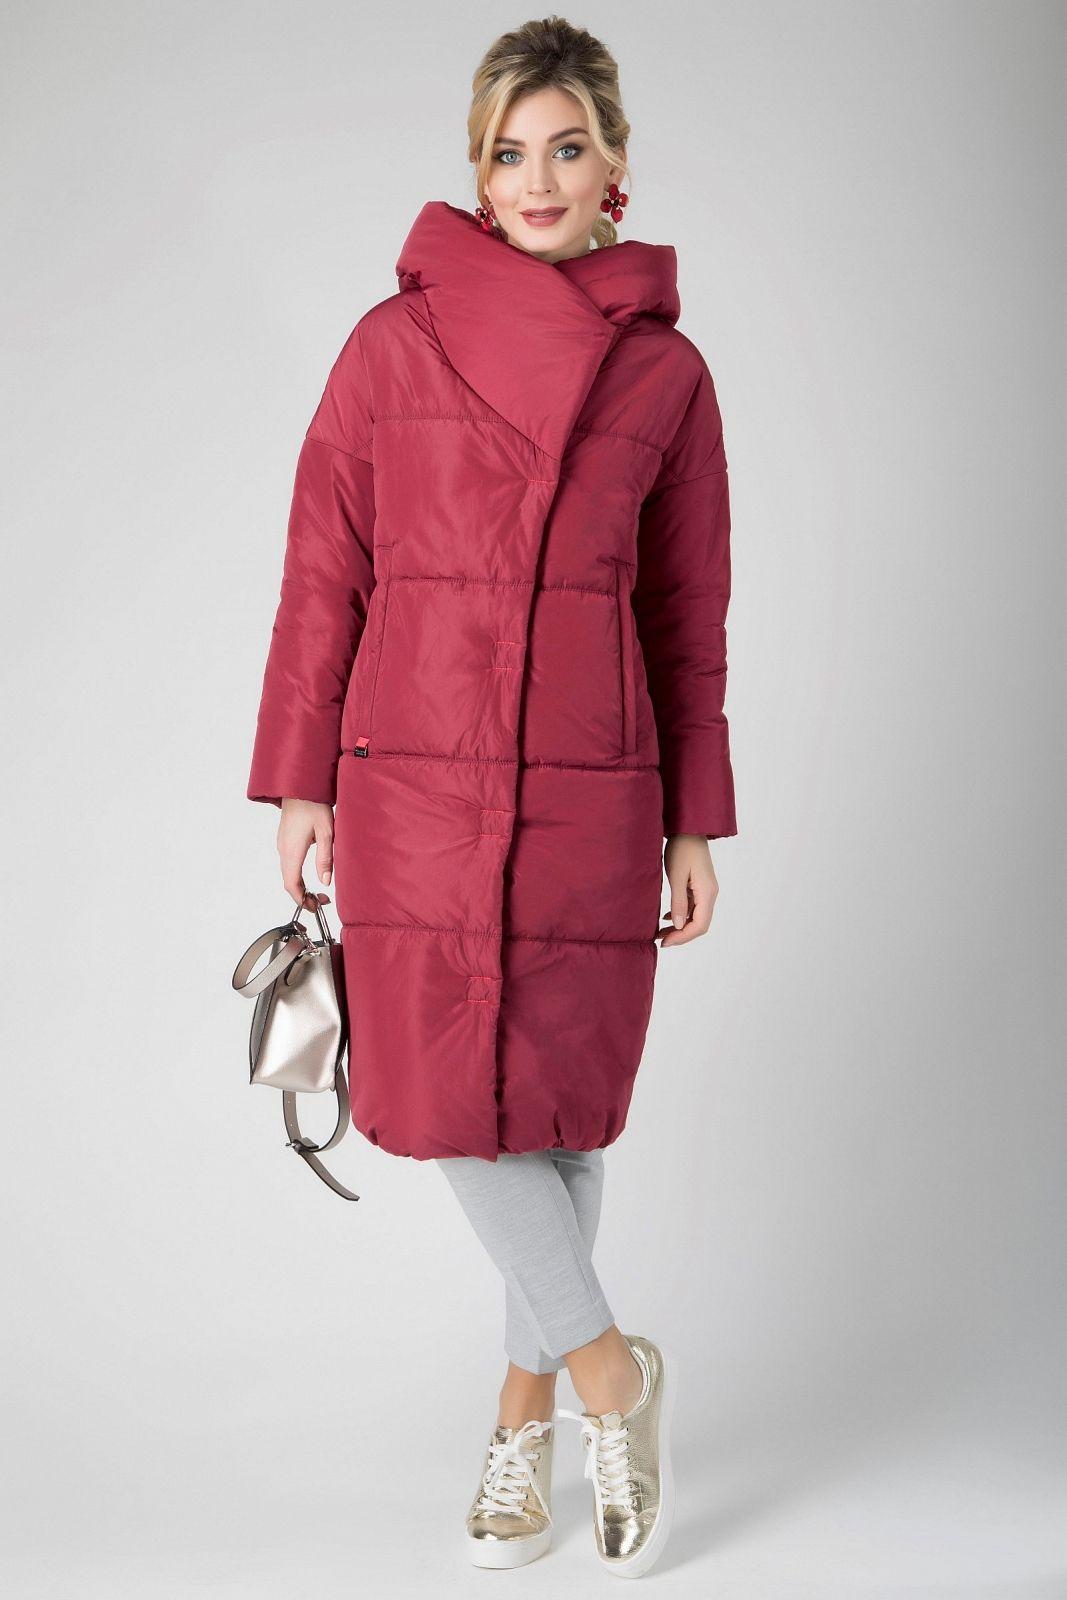 e38930ff8fe8 Коллекция Осень-зима 2017-2018. Каталог женской верхней одежды от  производителя   ElectraStyle